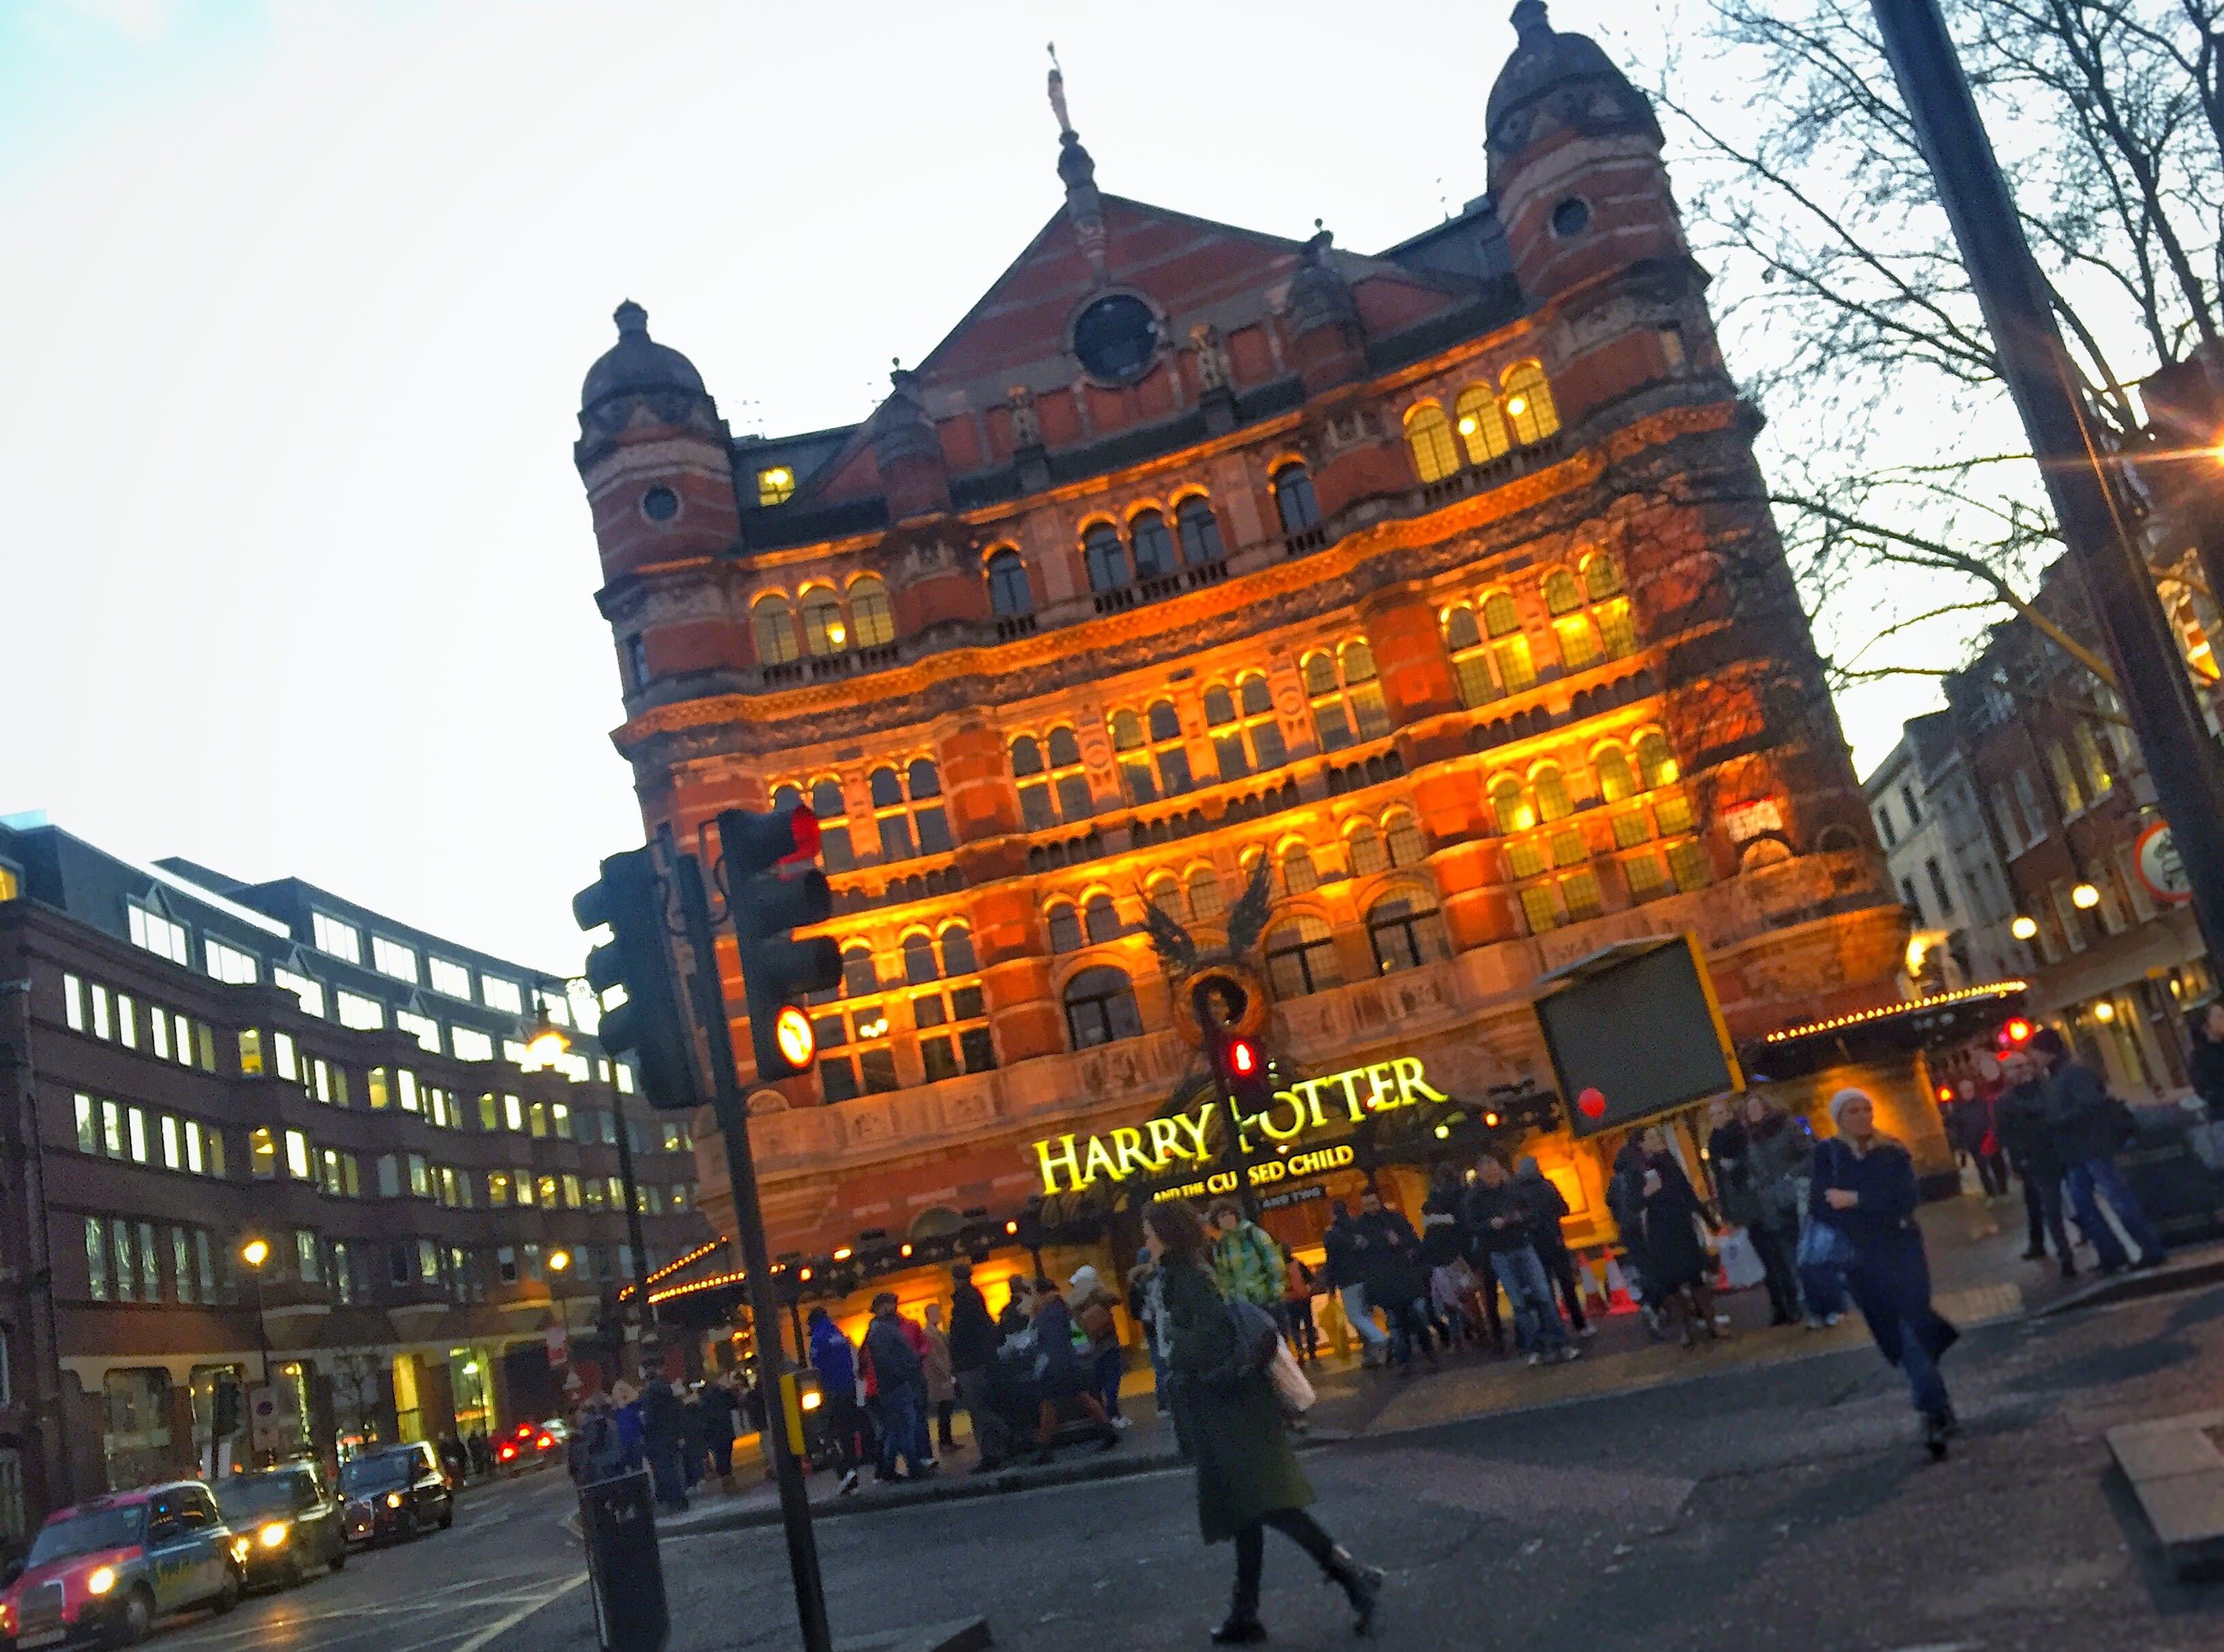 皇宮劇院(Palace Theatre)正在熱映舞台劇「哈利波特:被詛咒的孩子(Harry Potter and the Cursed Child)」。